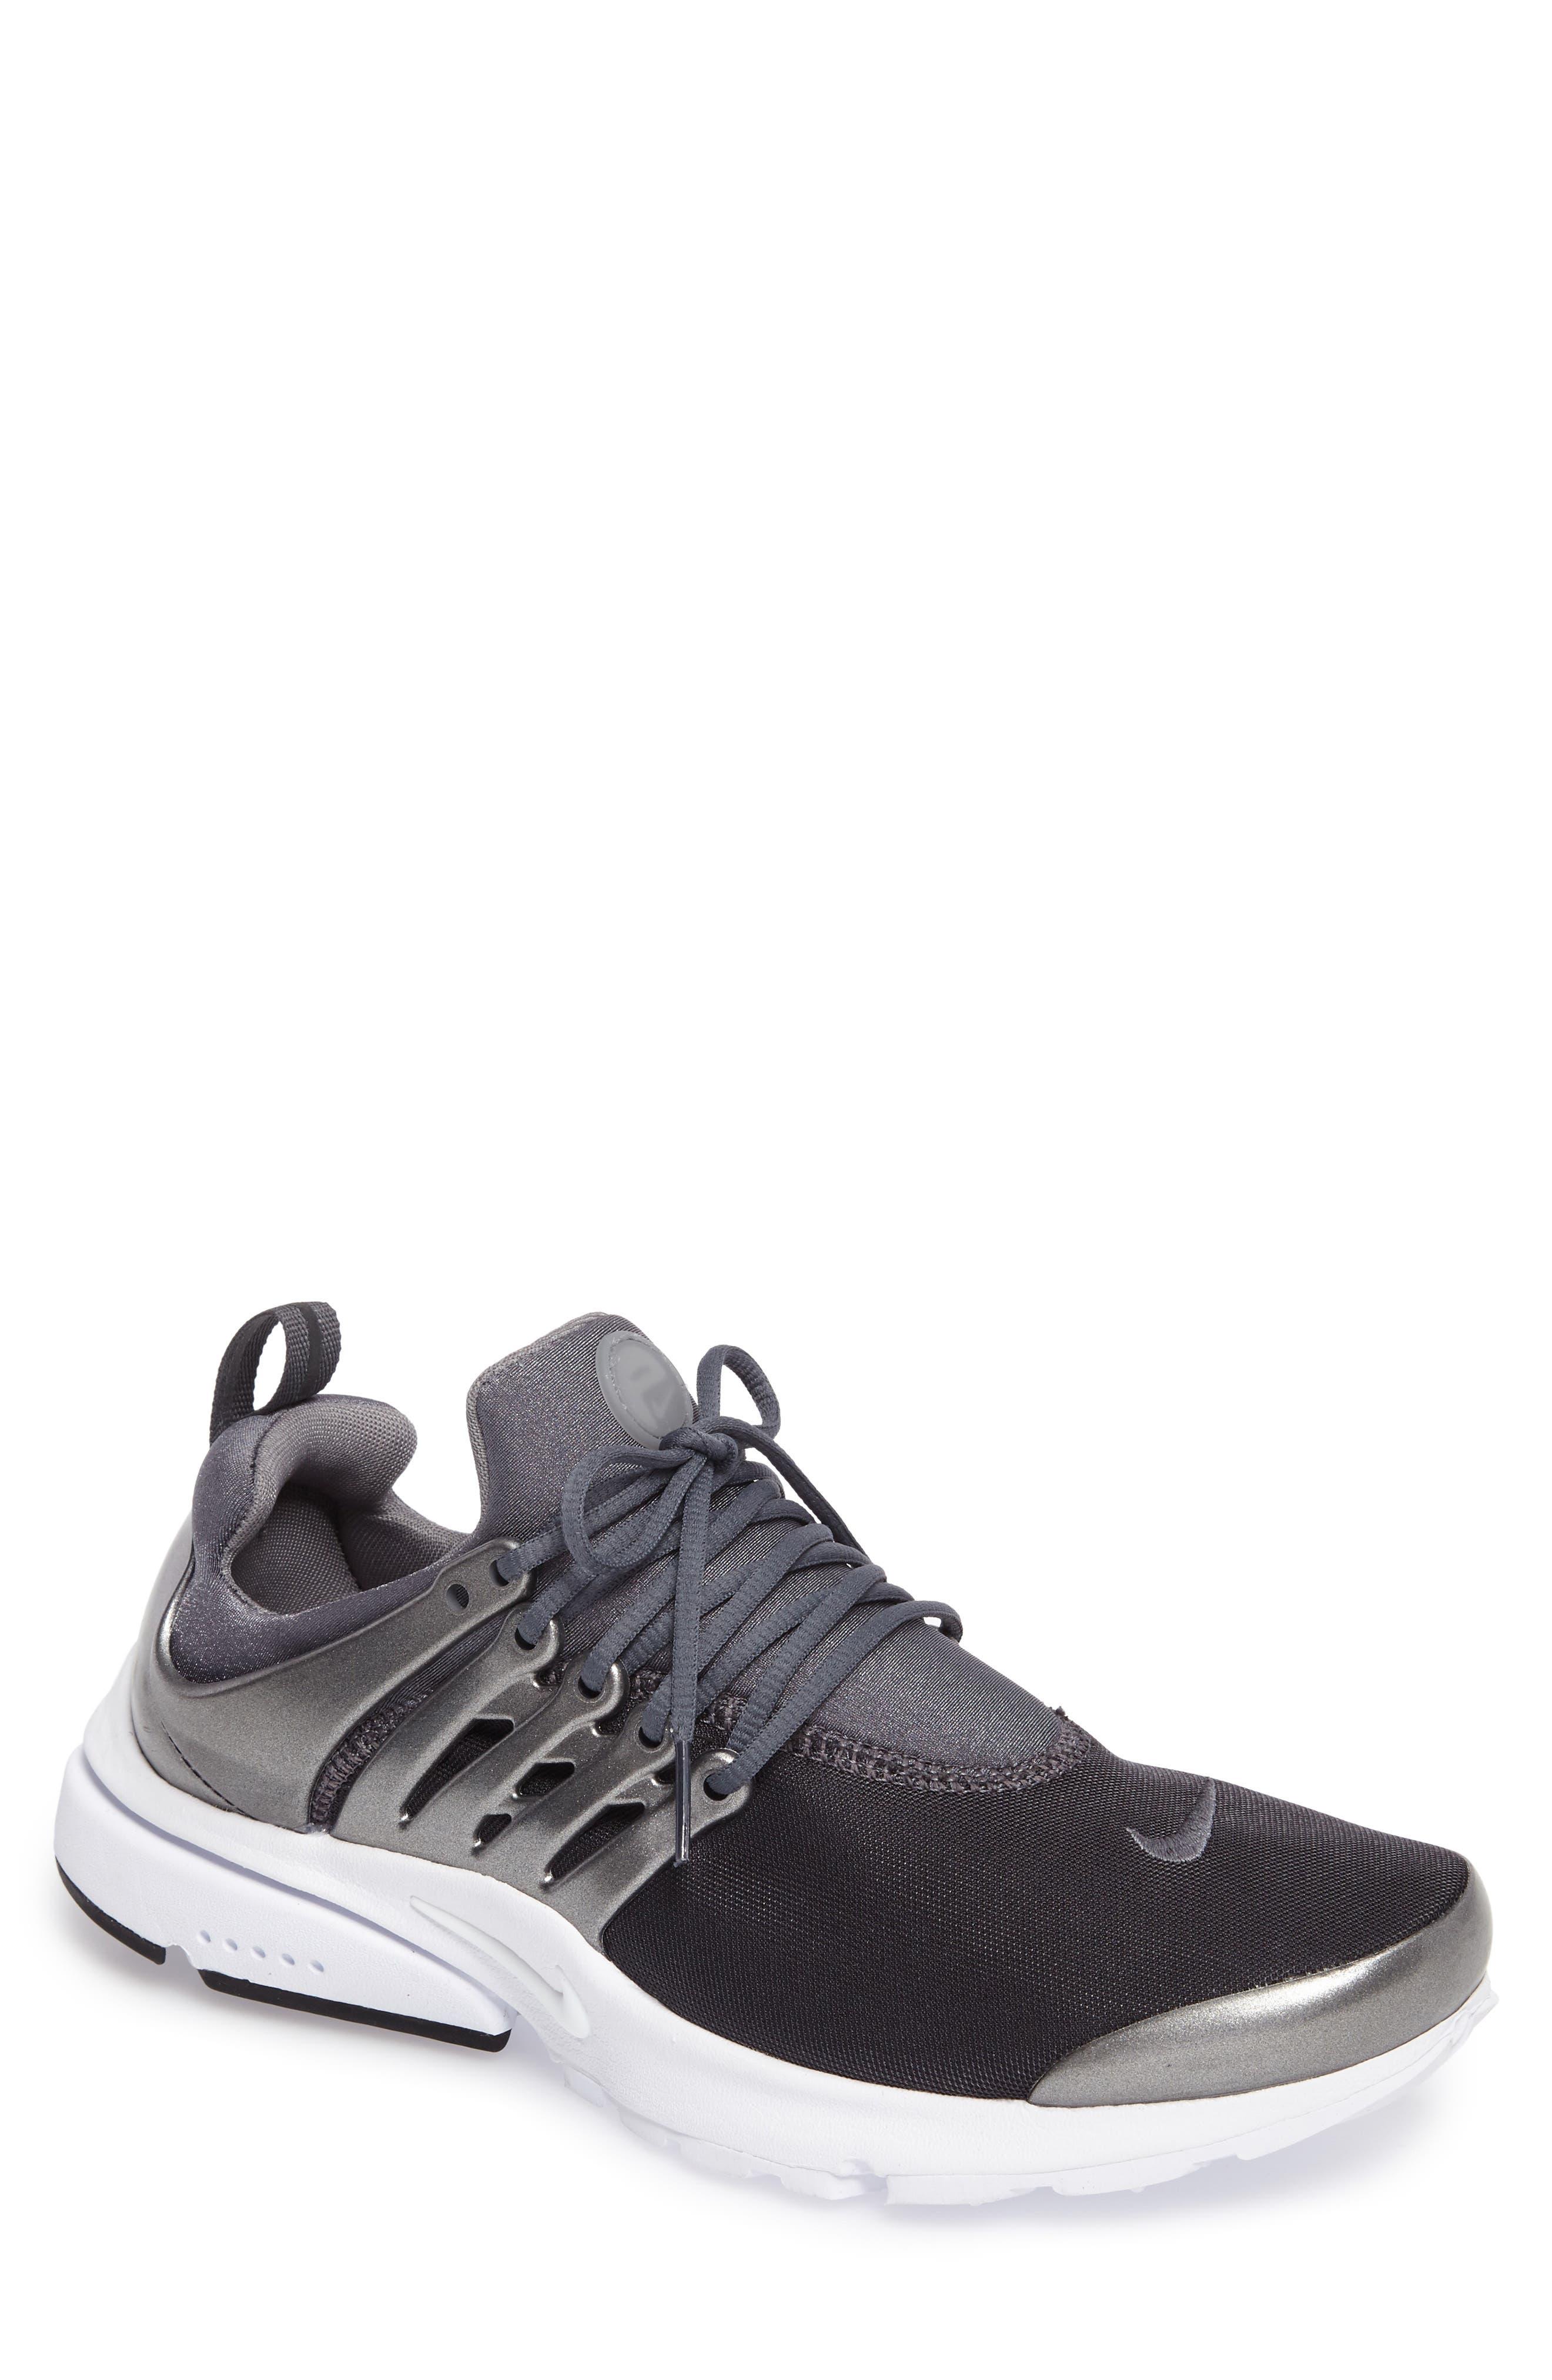 Main Image - Nike Air Presto Premium Sneaker (Men)